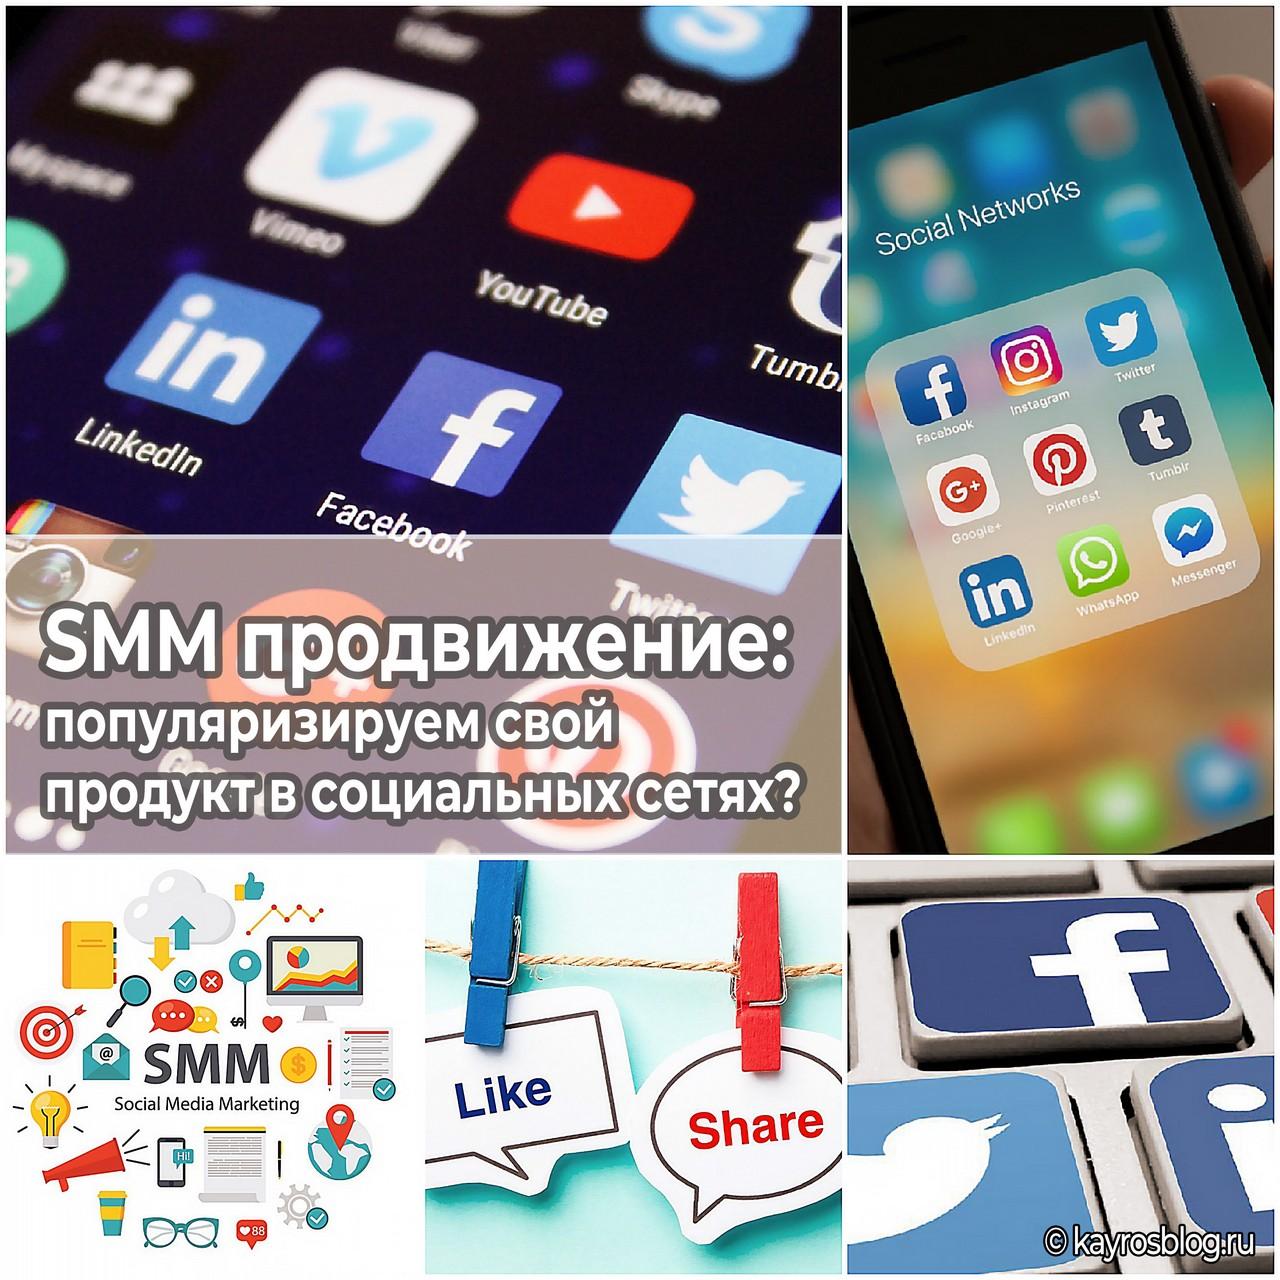 SMM продвижение: популяризируем свой продукт в социальных сетях?